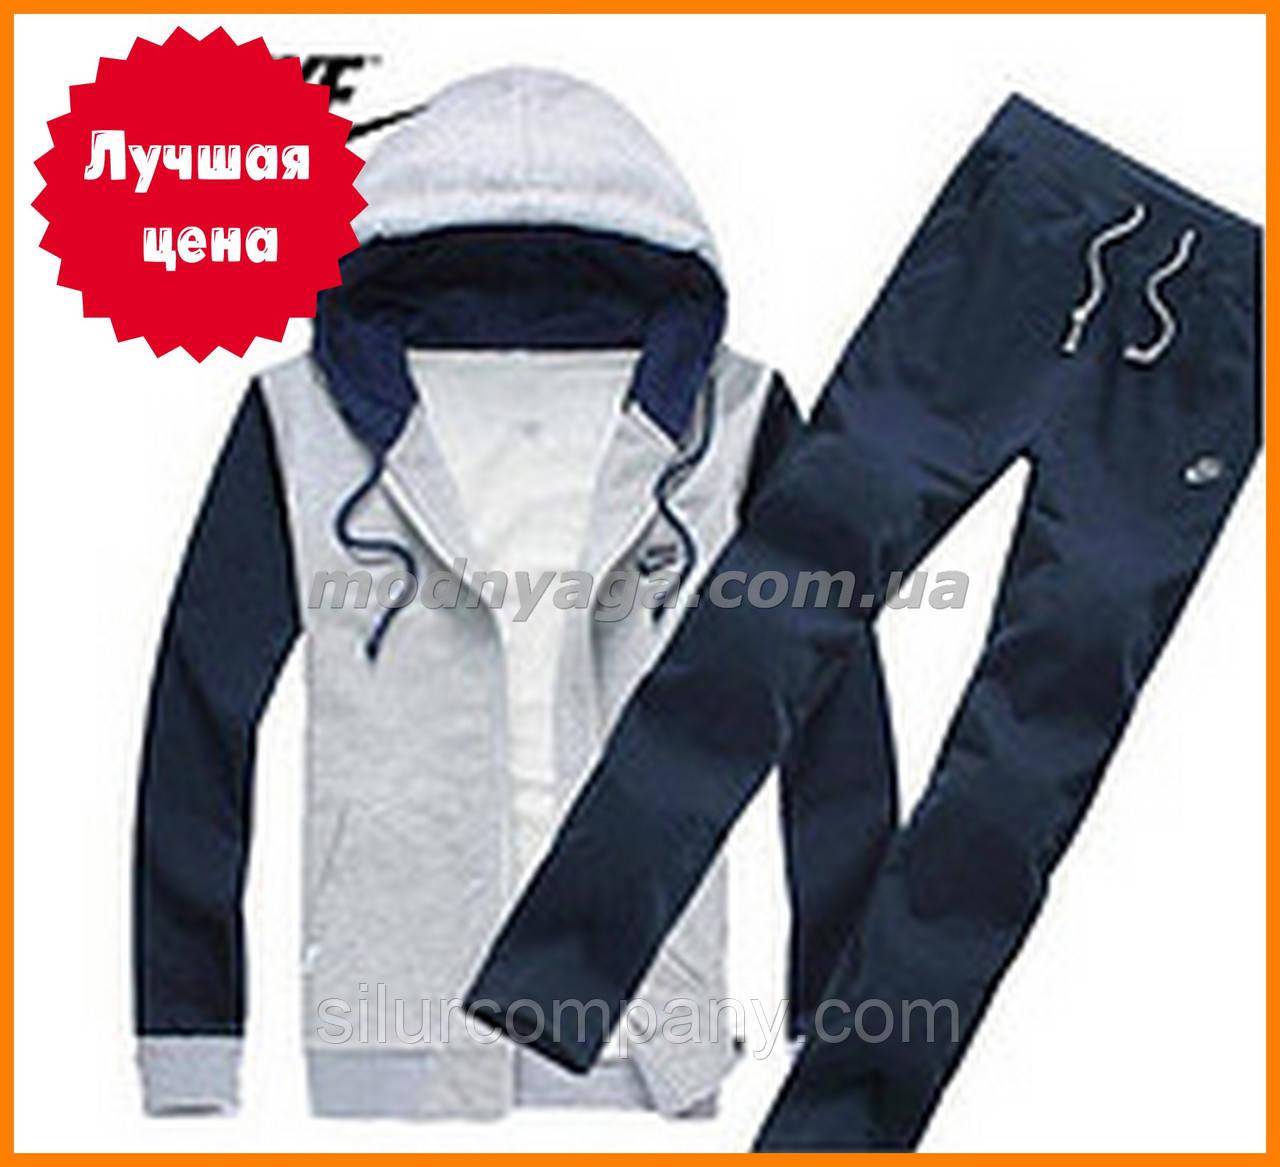 Интернет магазин спорт одежда